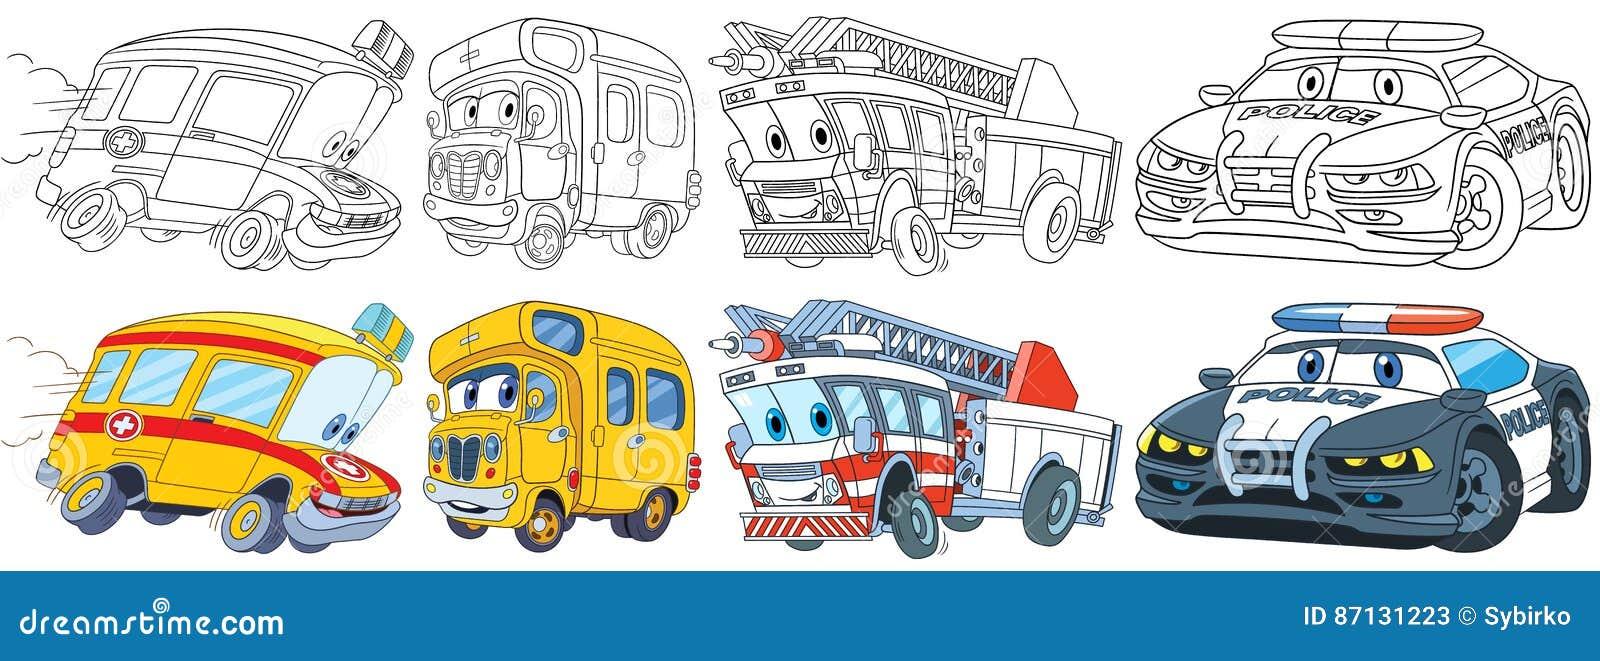 Vehicules De Dessin Anime Regles Illustration De Vecteur